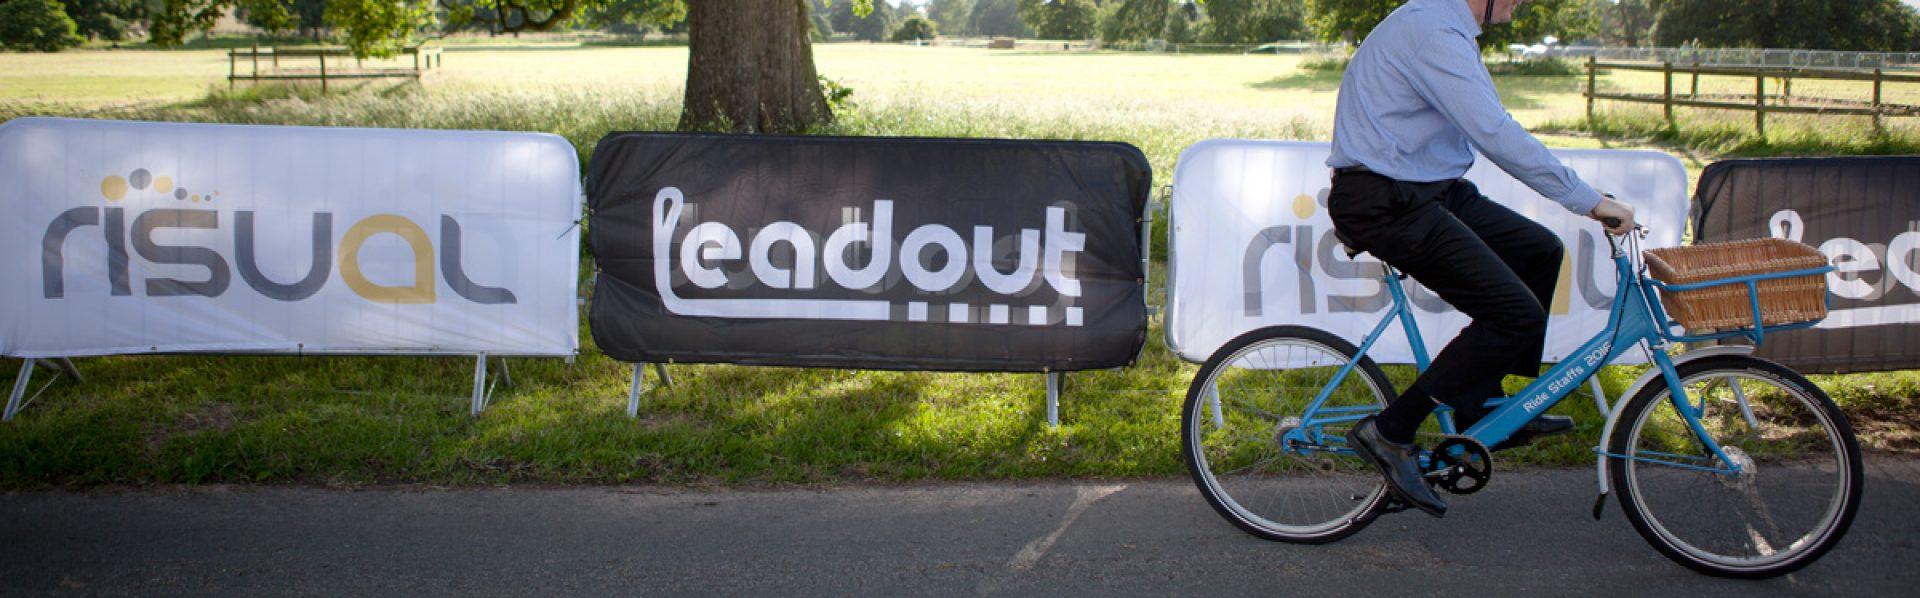 Leadout